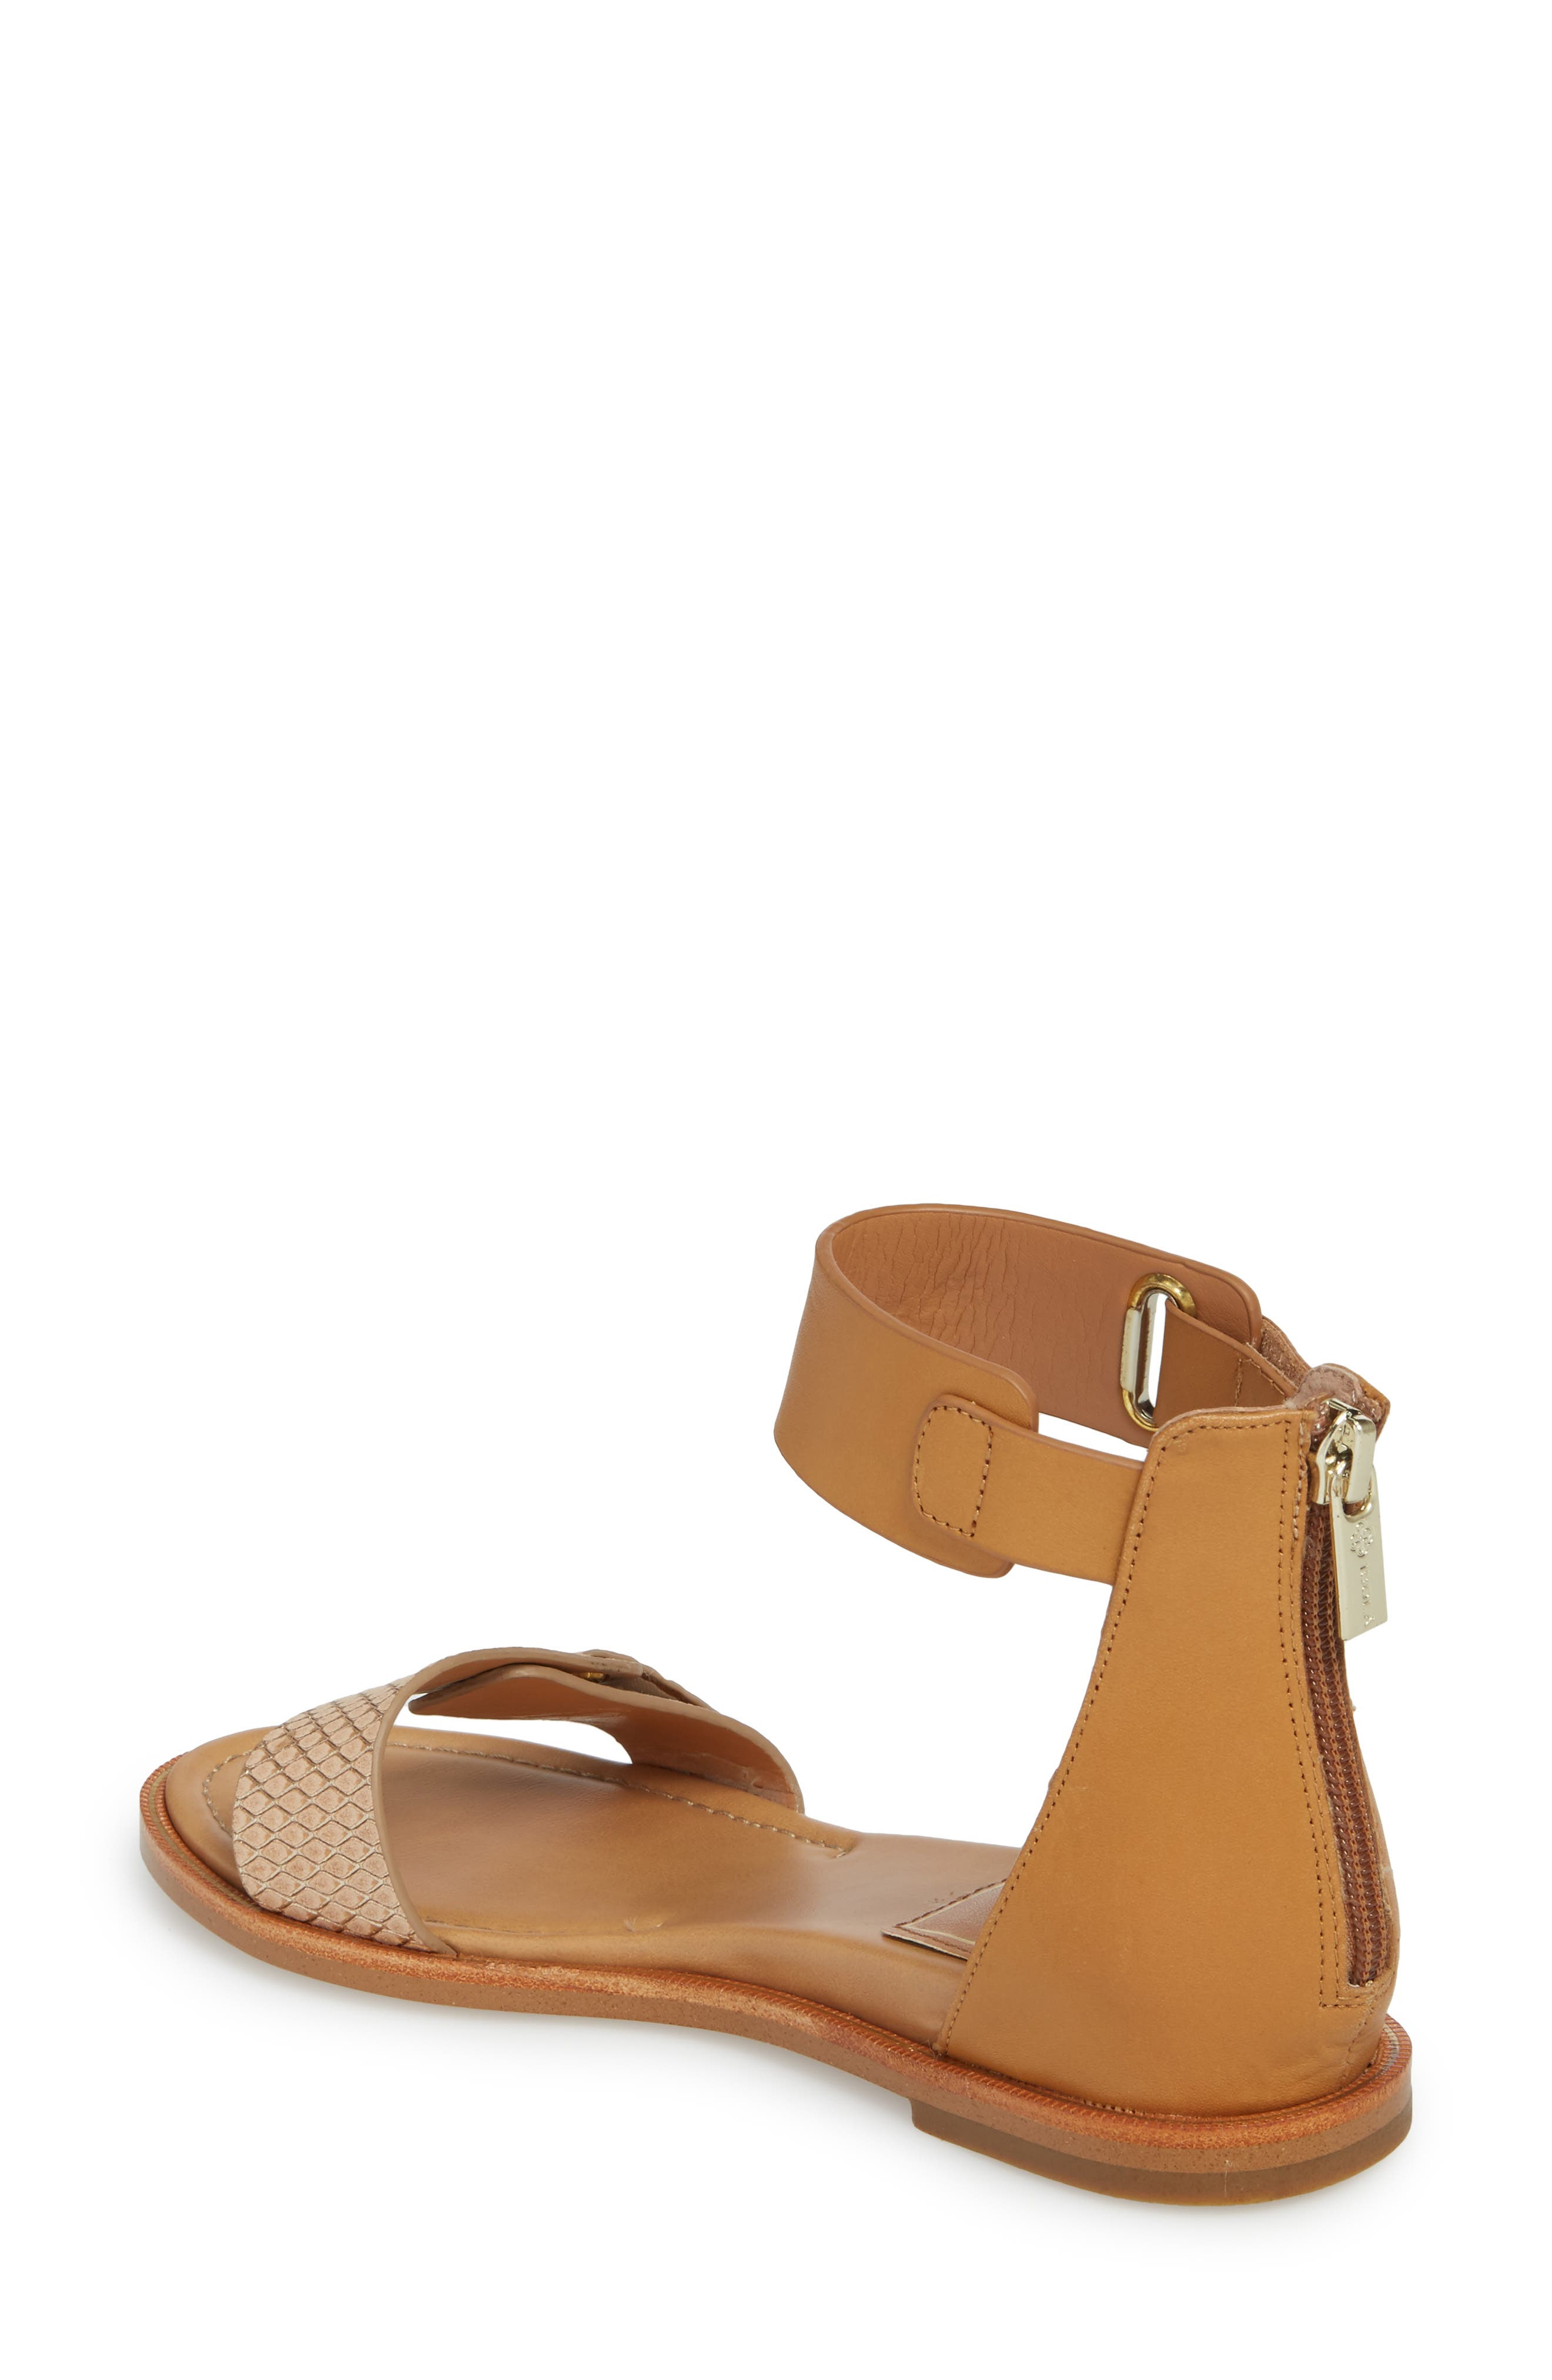 Savina Ankle Strap Sandal,                             Alternate thumbnail 2, color,                             Gold/ Desert Sand Leather